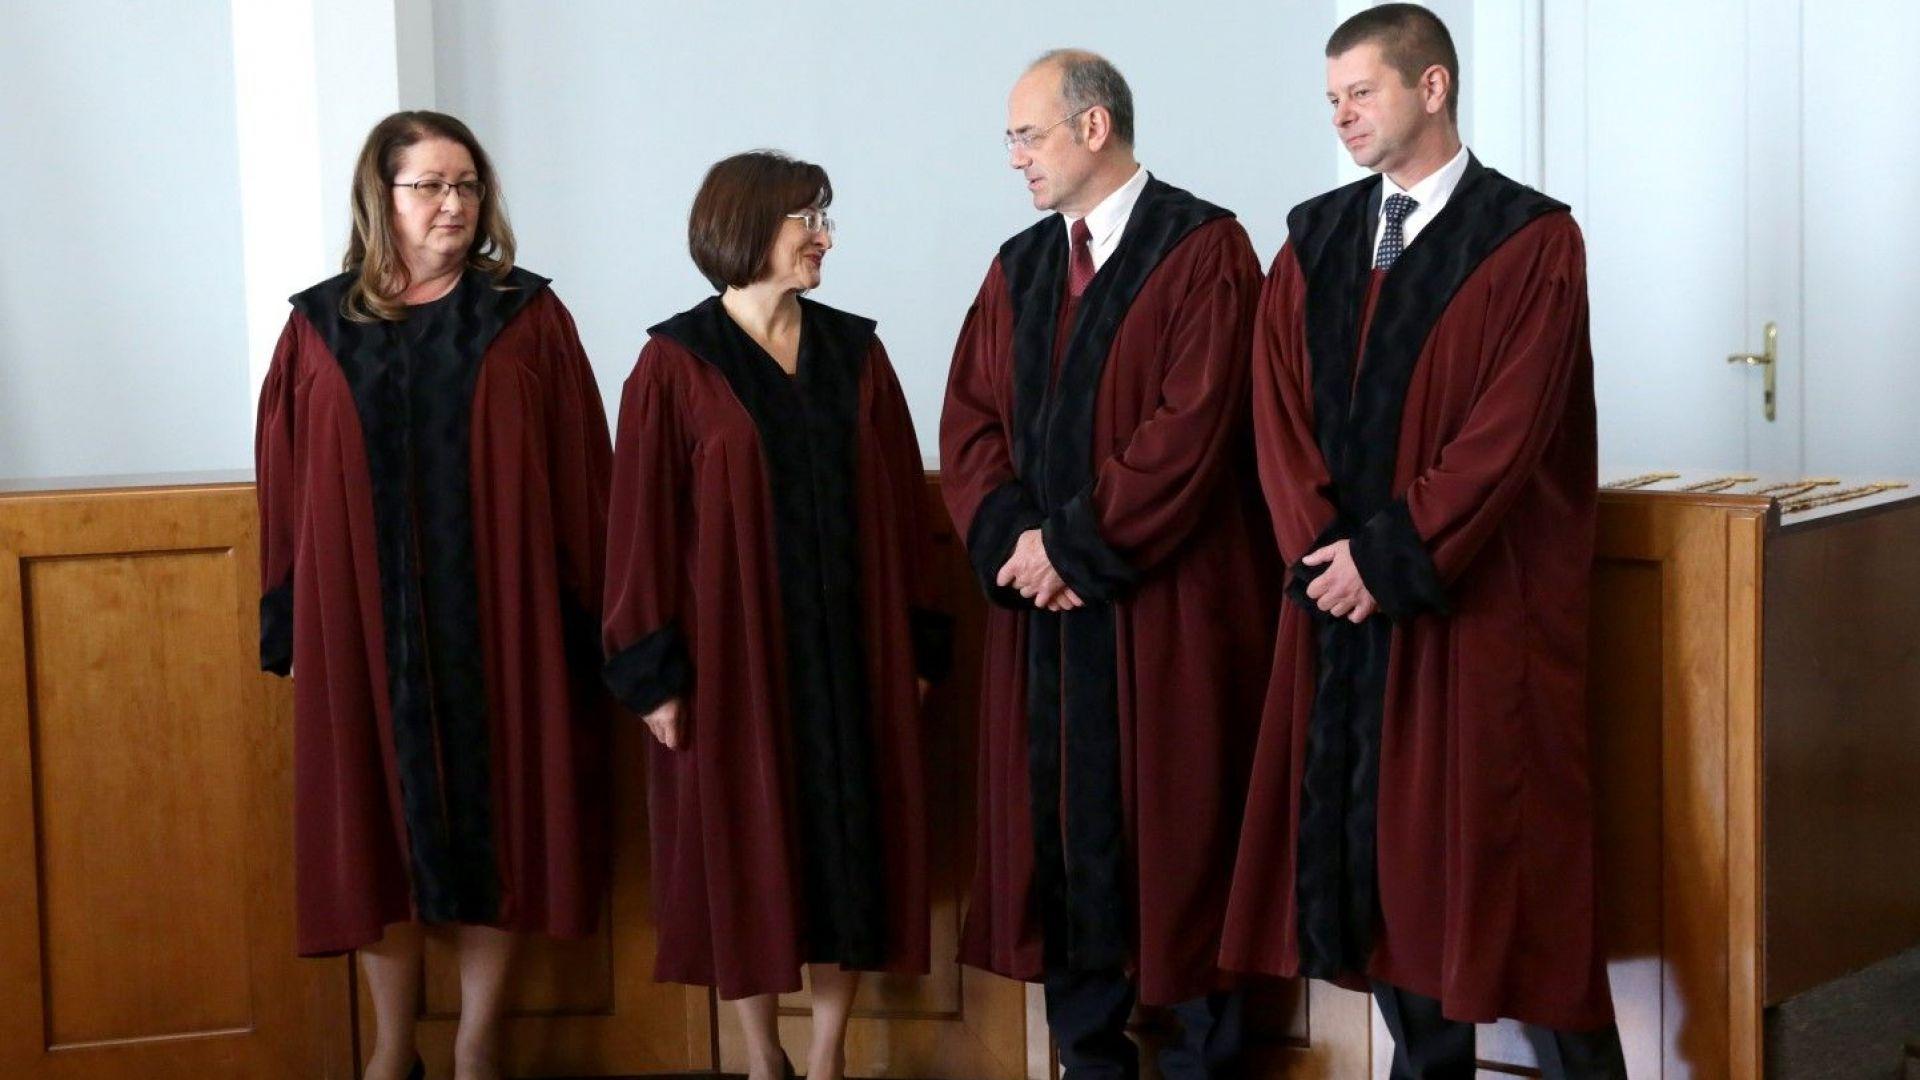 88 върховни съдии поискаха КС да отмени кариерните бонуси